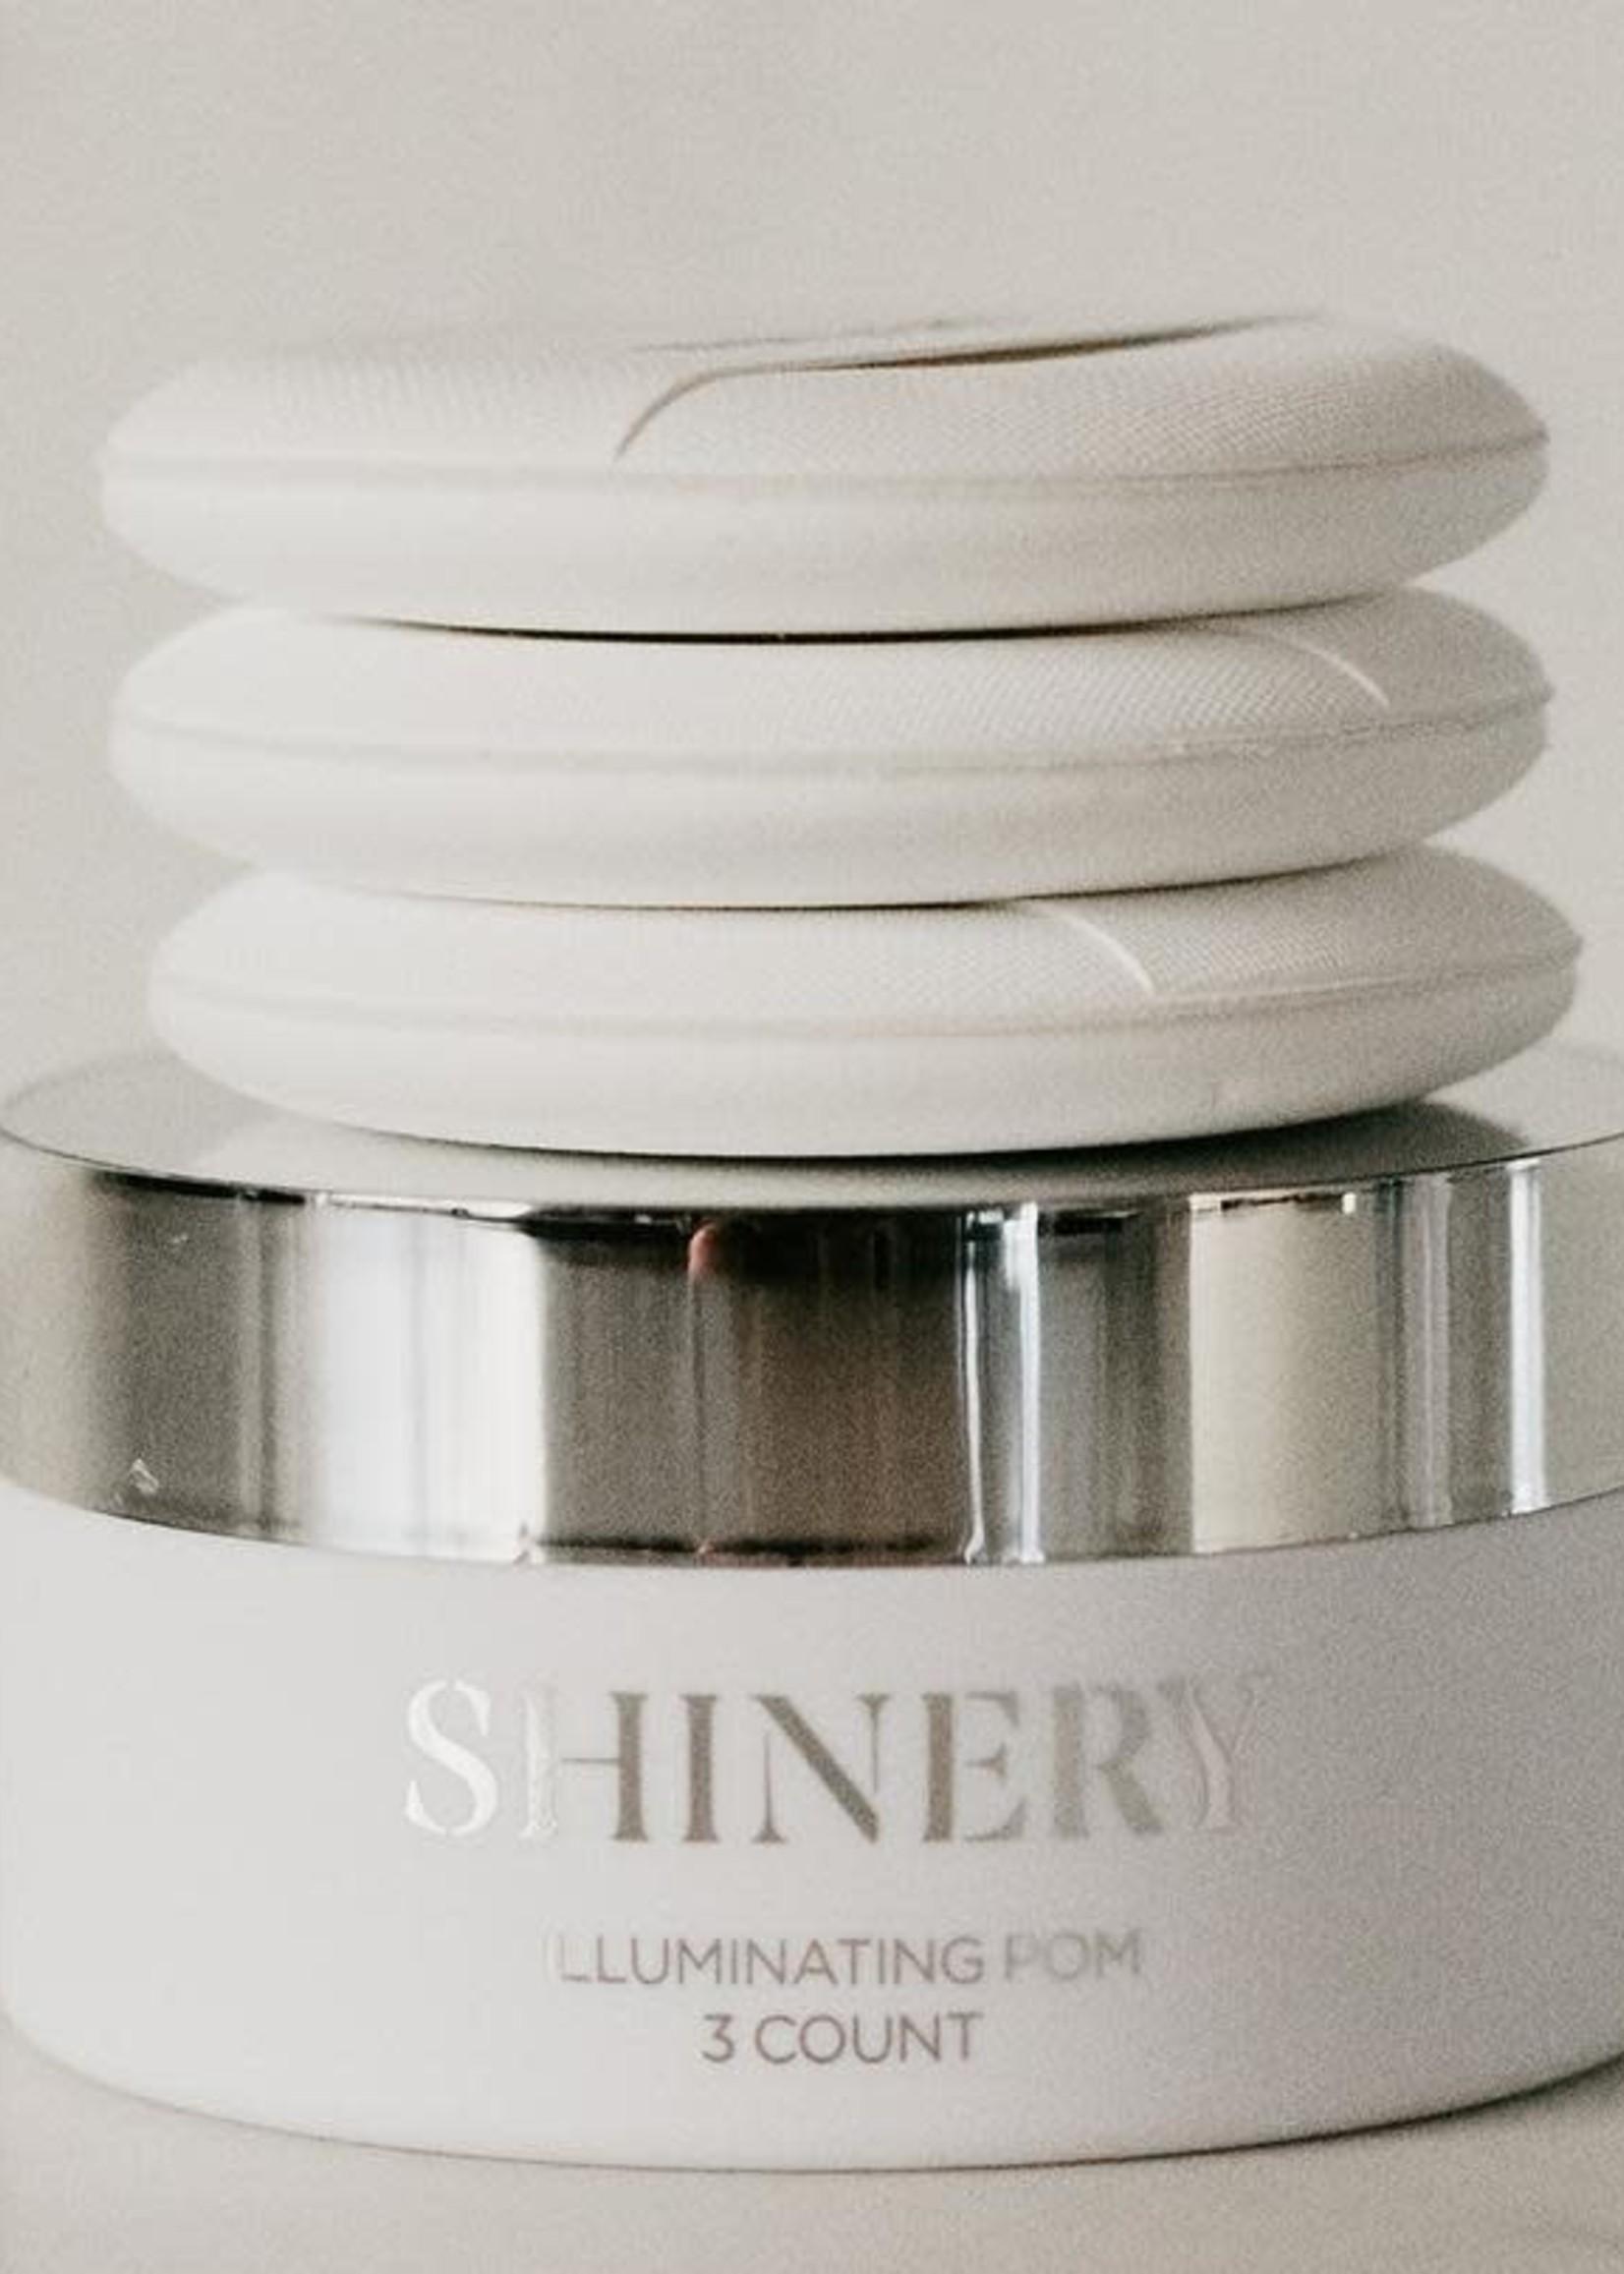 Shinery Illuminating Pom